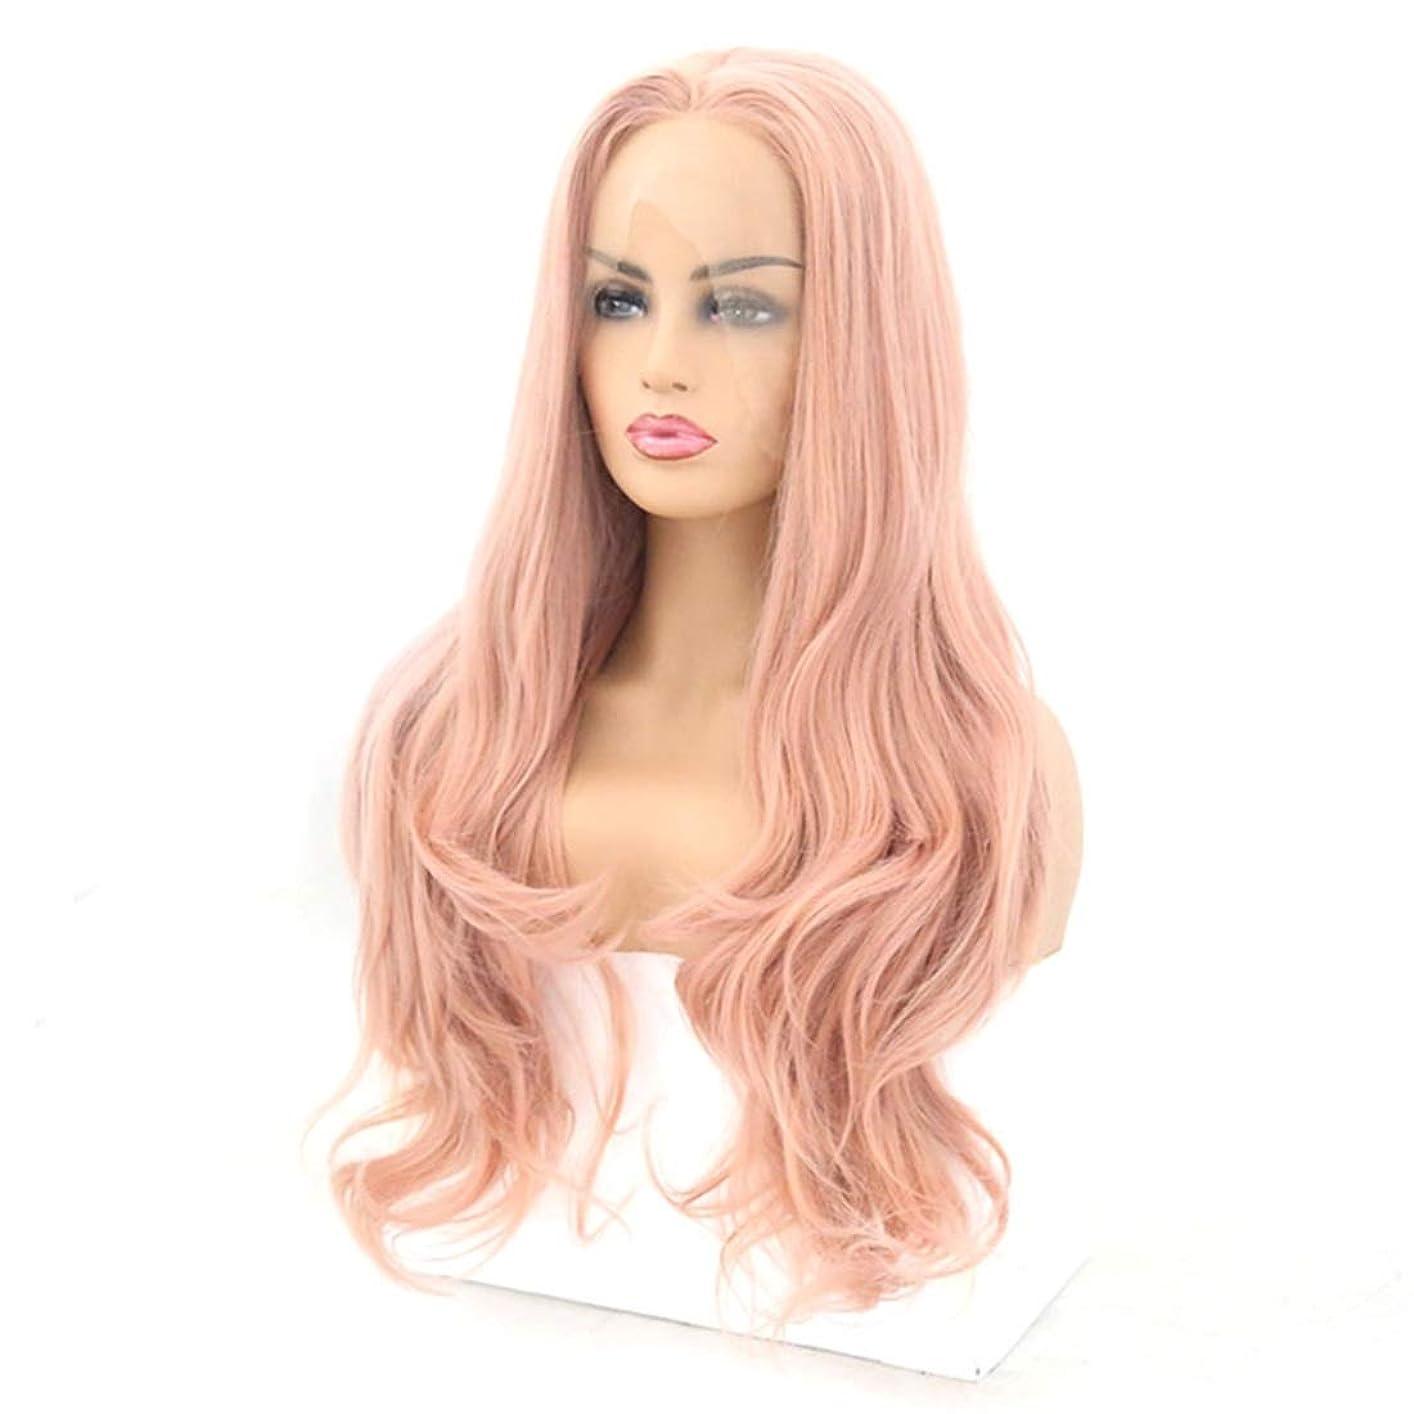 でる要求傾いたSummerys フロントレースかつら長い巻き毛のかつら合成のカラフルなコスプレ日常パーティーかつら本物の髪として自然な女性のためのかつら